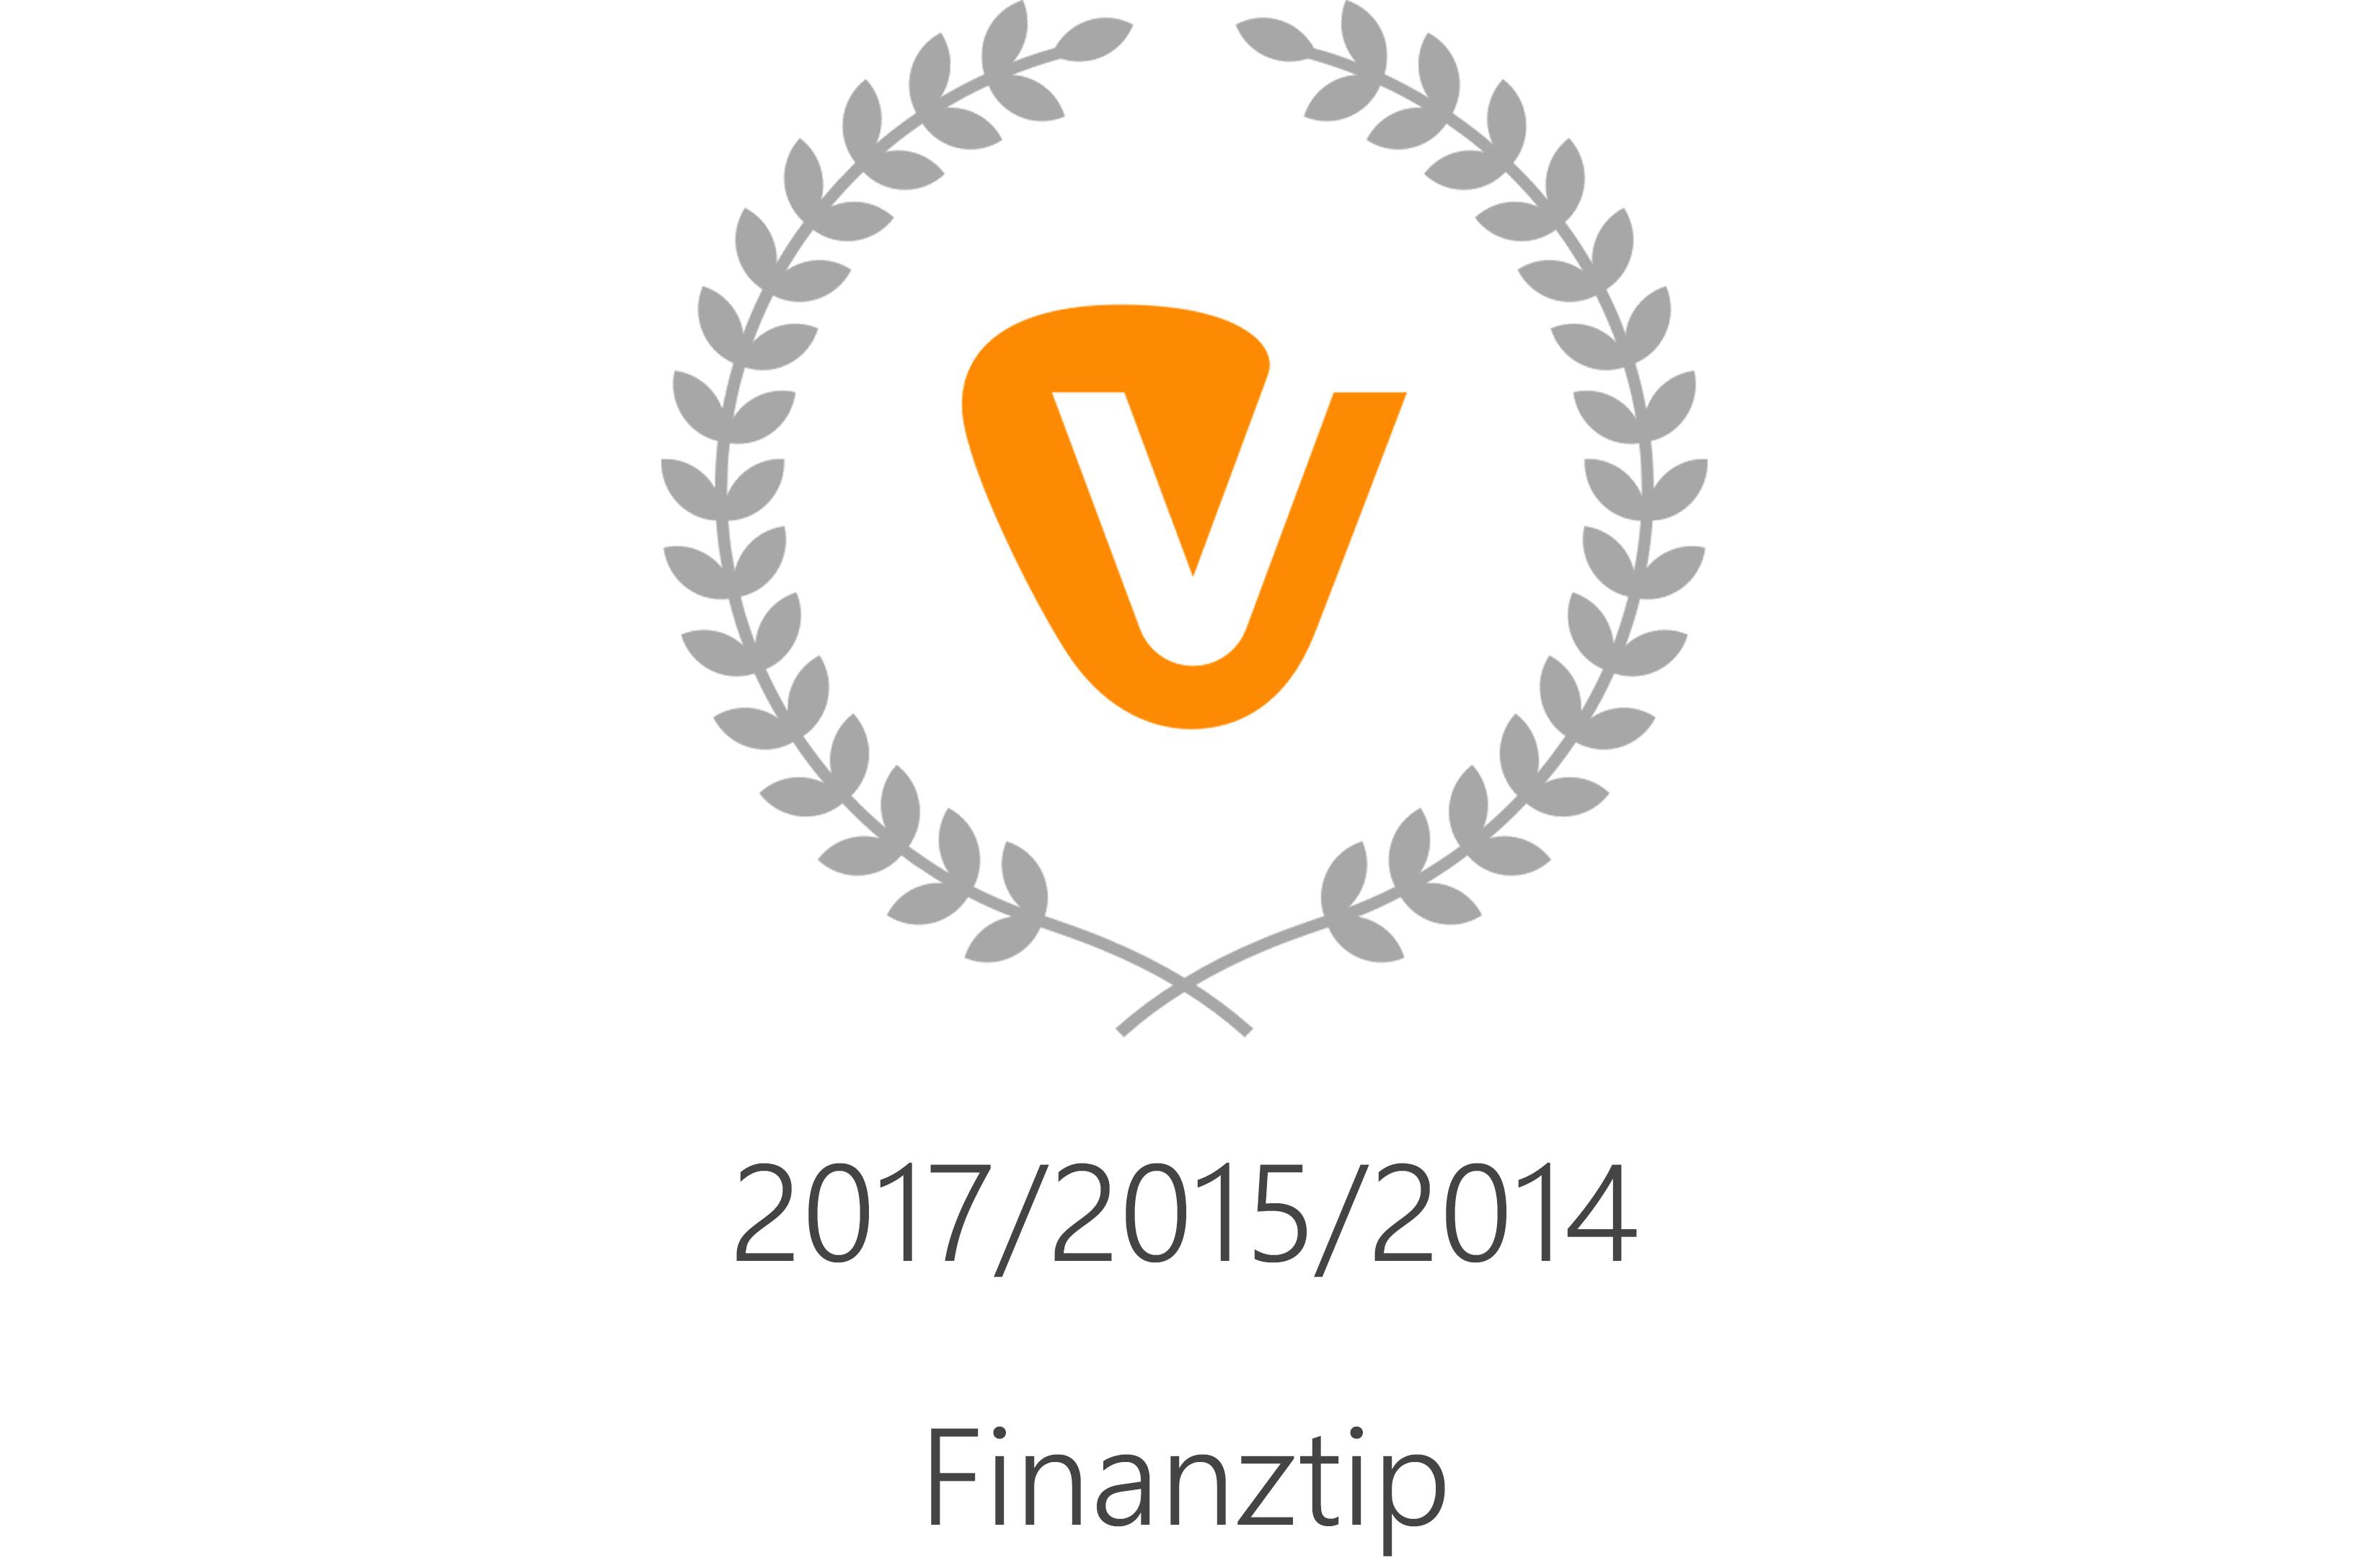 Finanztip_2017-2015-2014